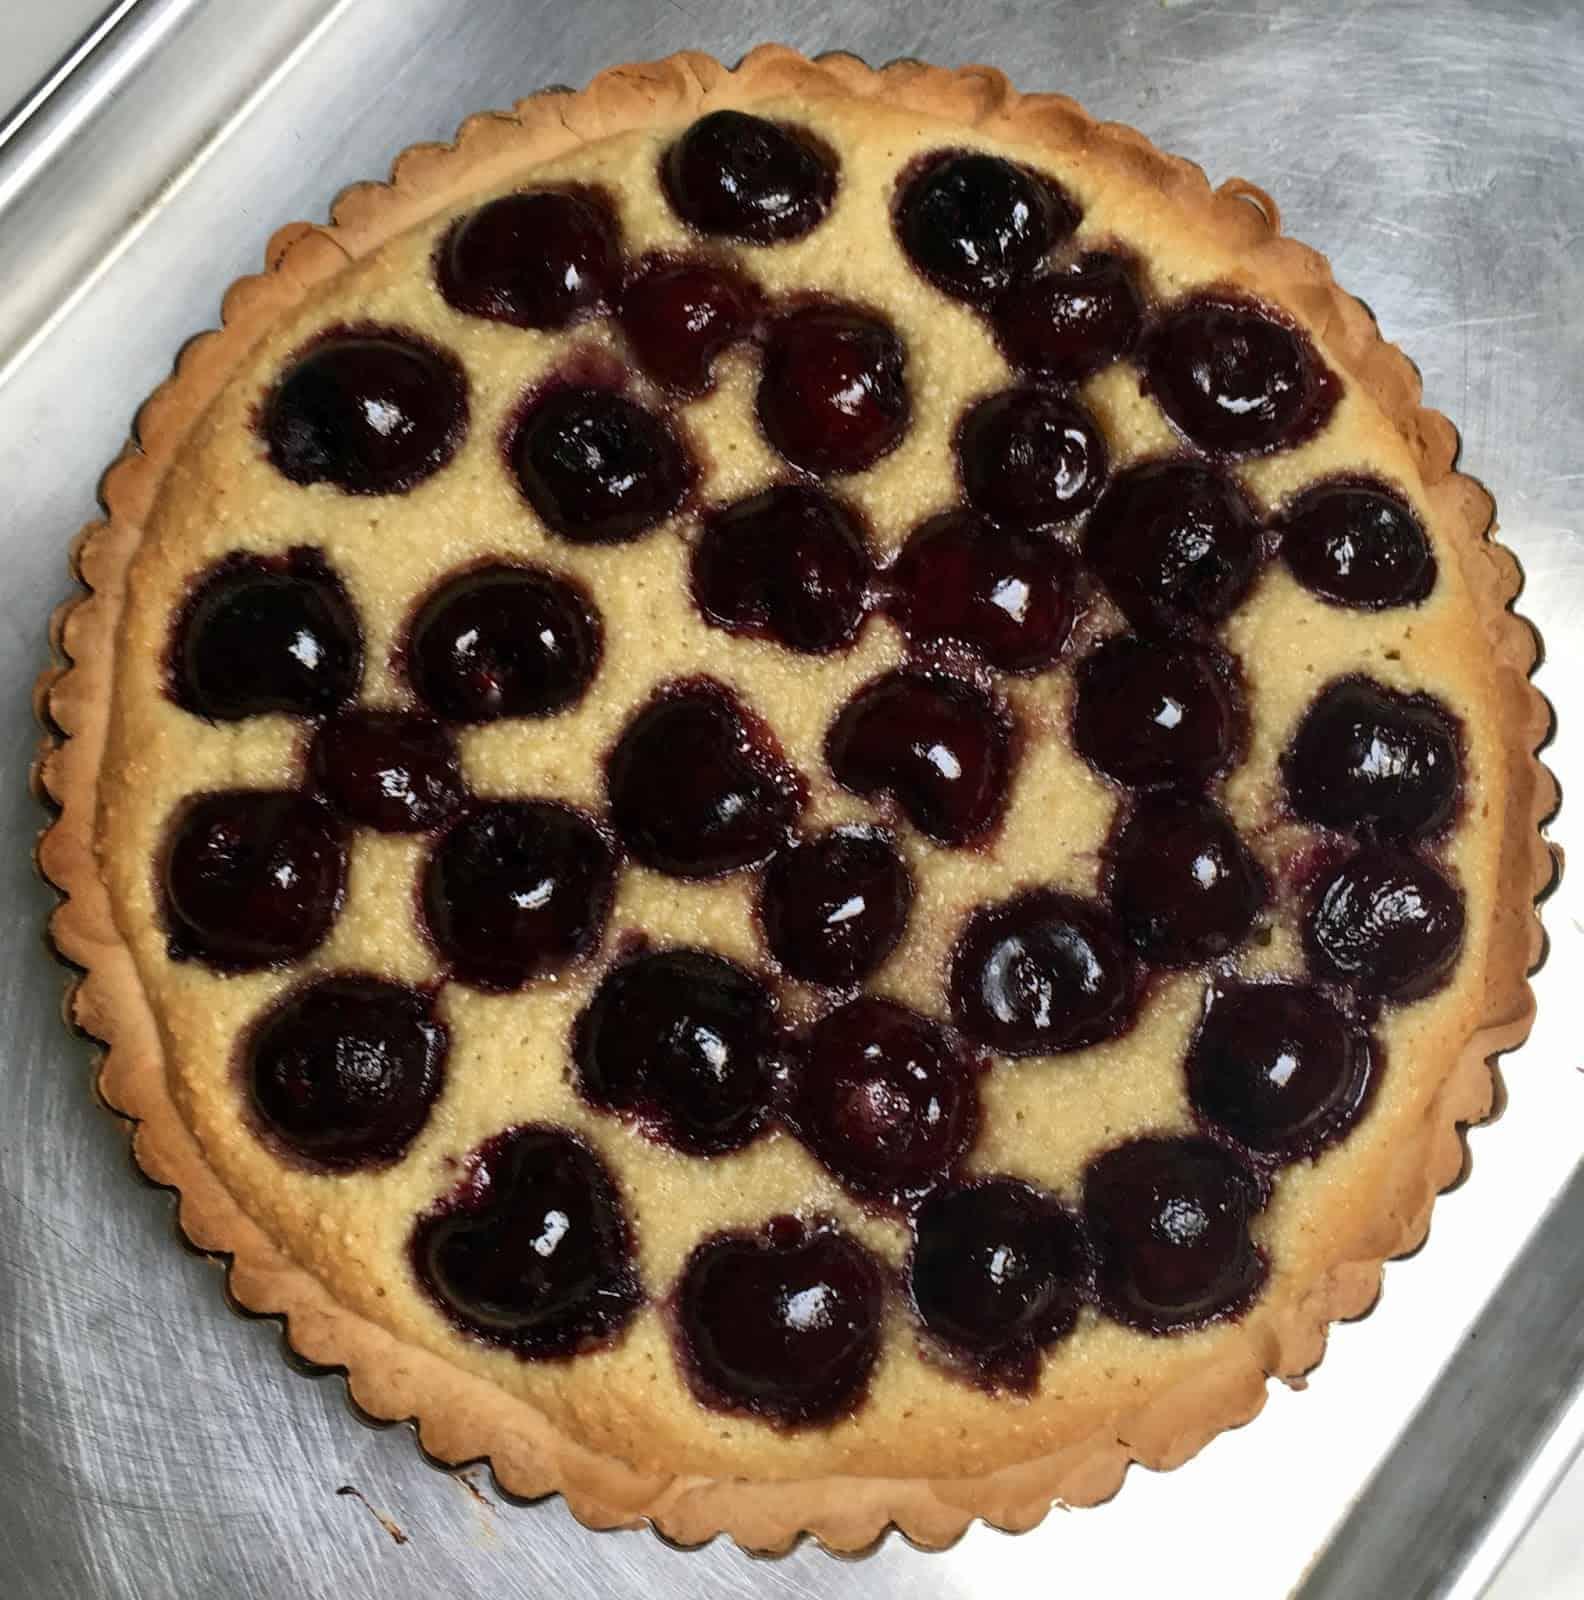 David Lebovitz' Summer Frangipane Fruit Tart